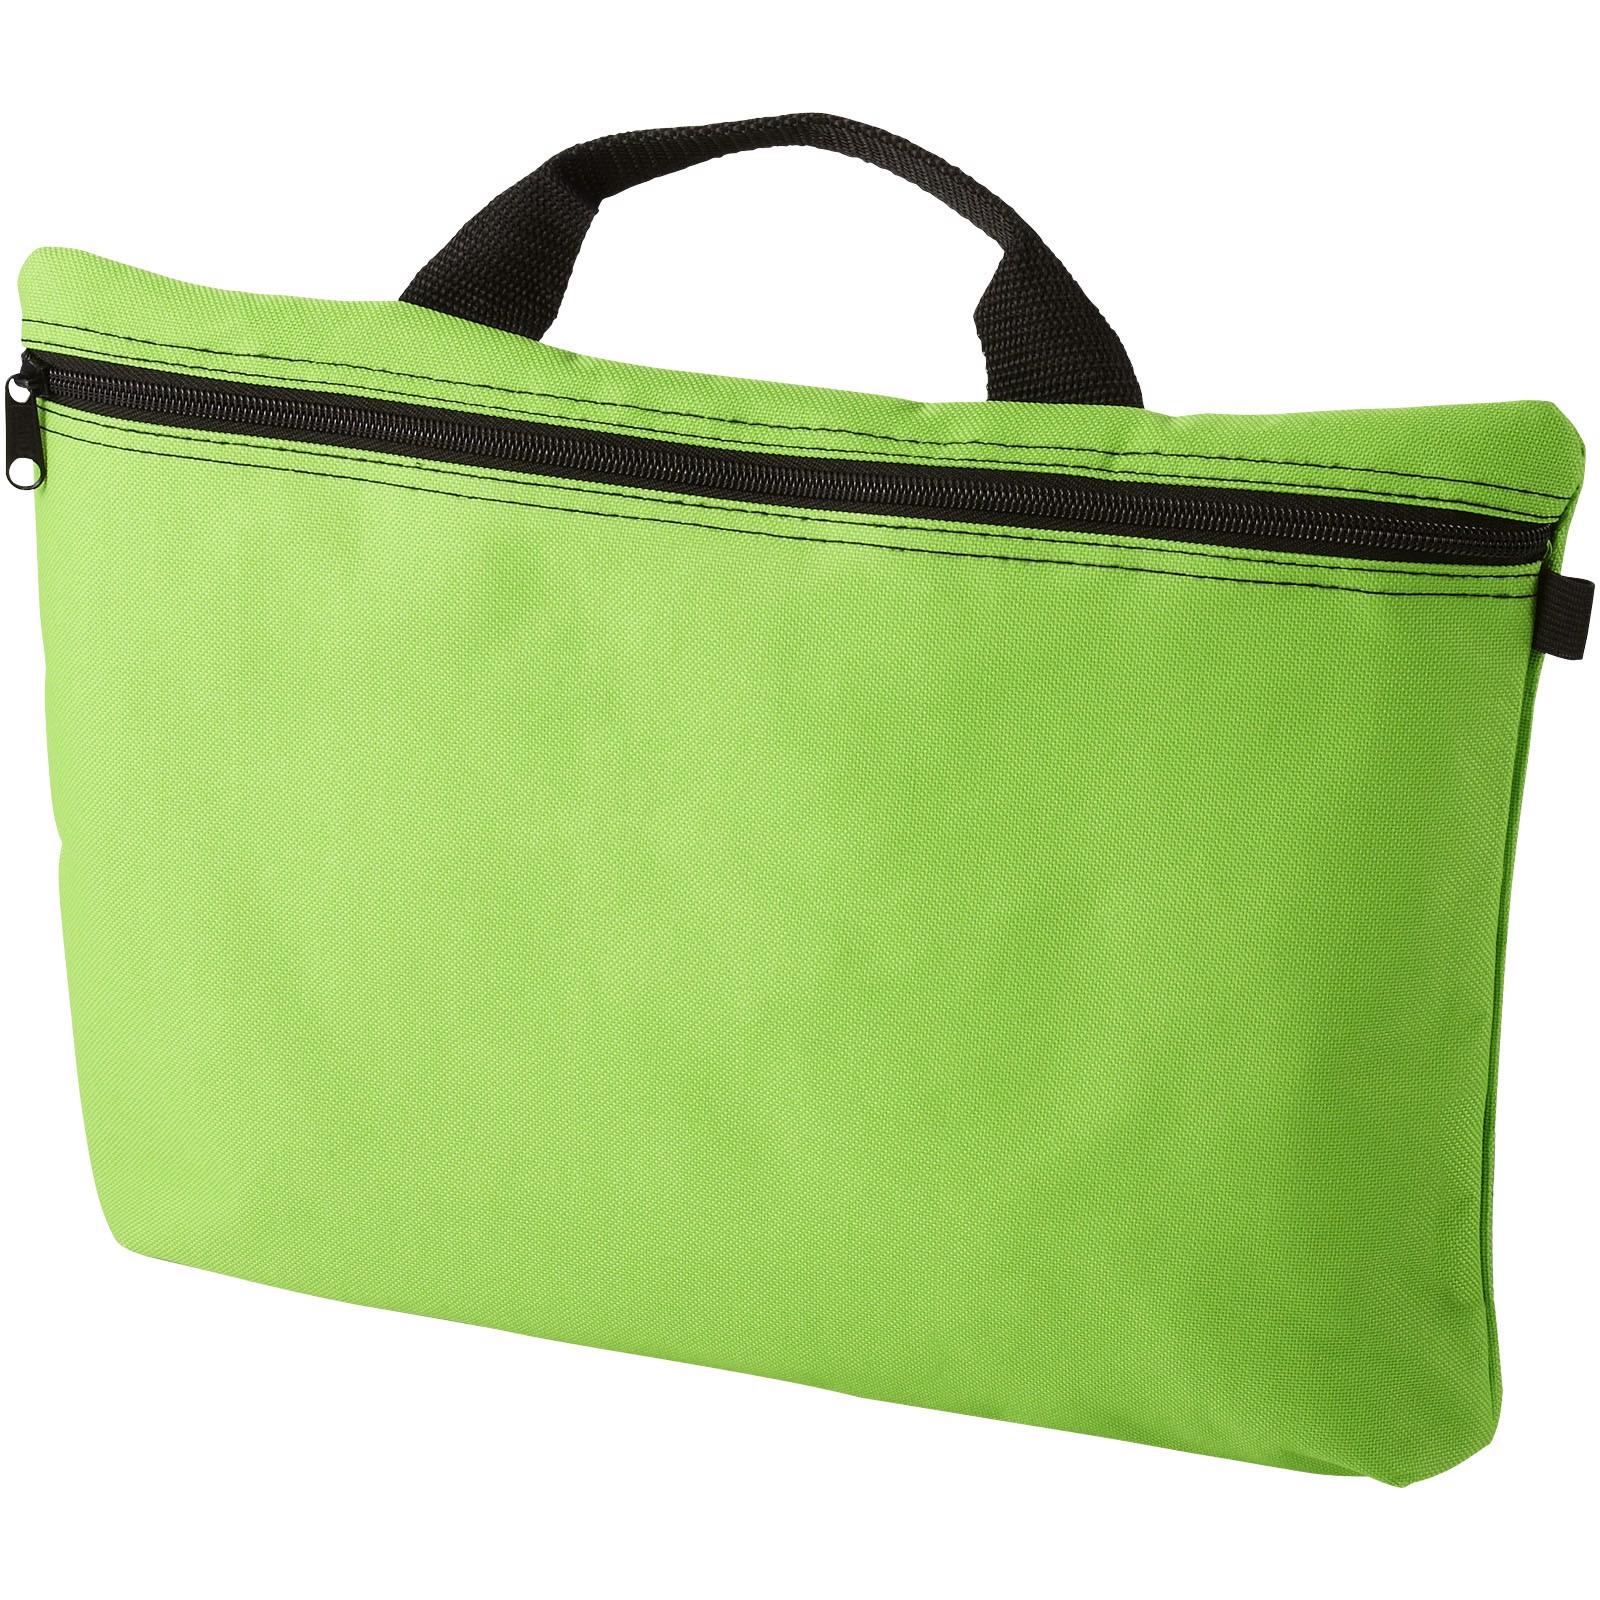 Konferenční taška Orlando - Limetka